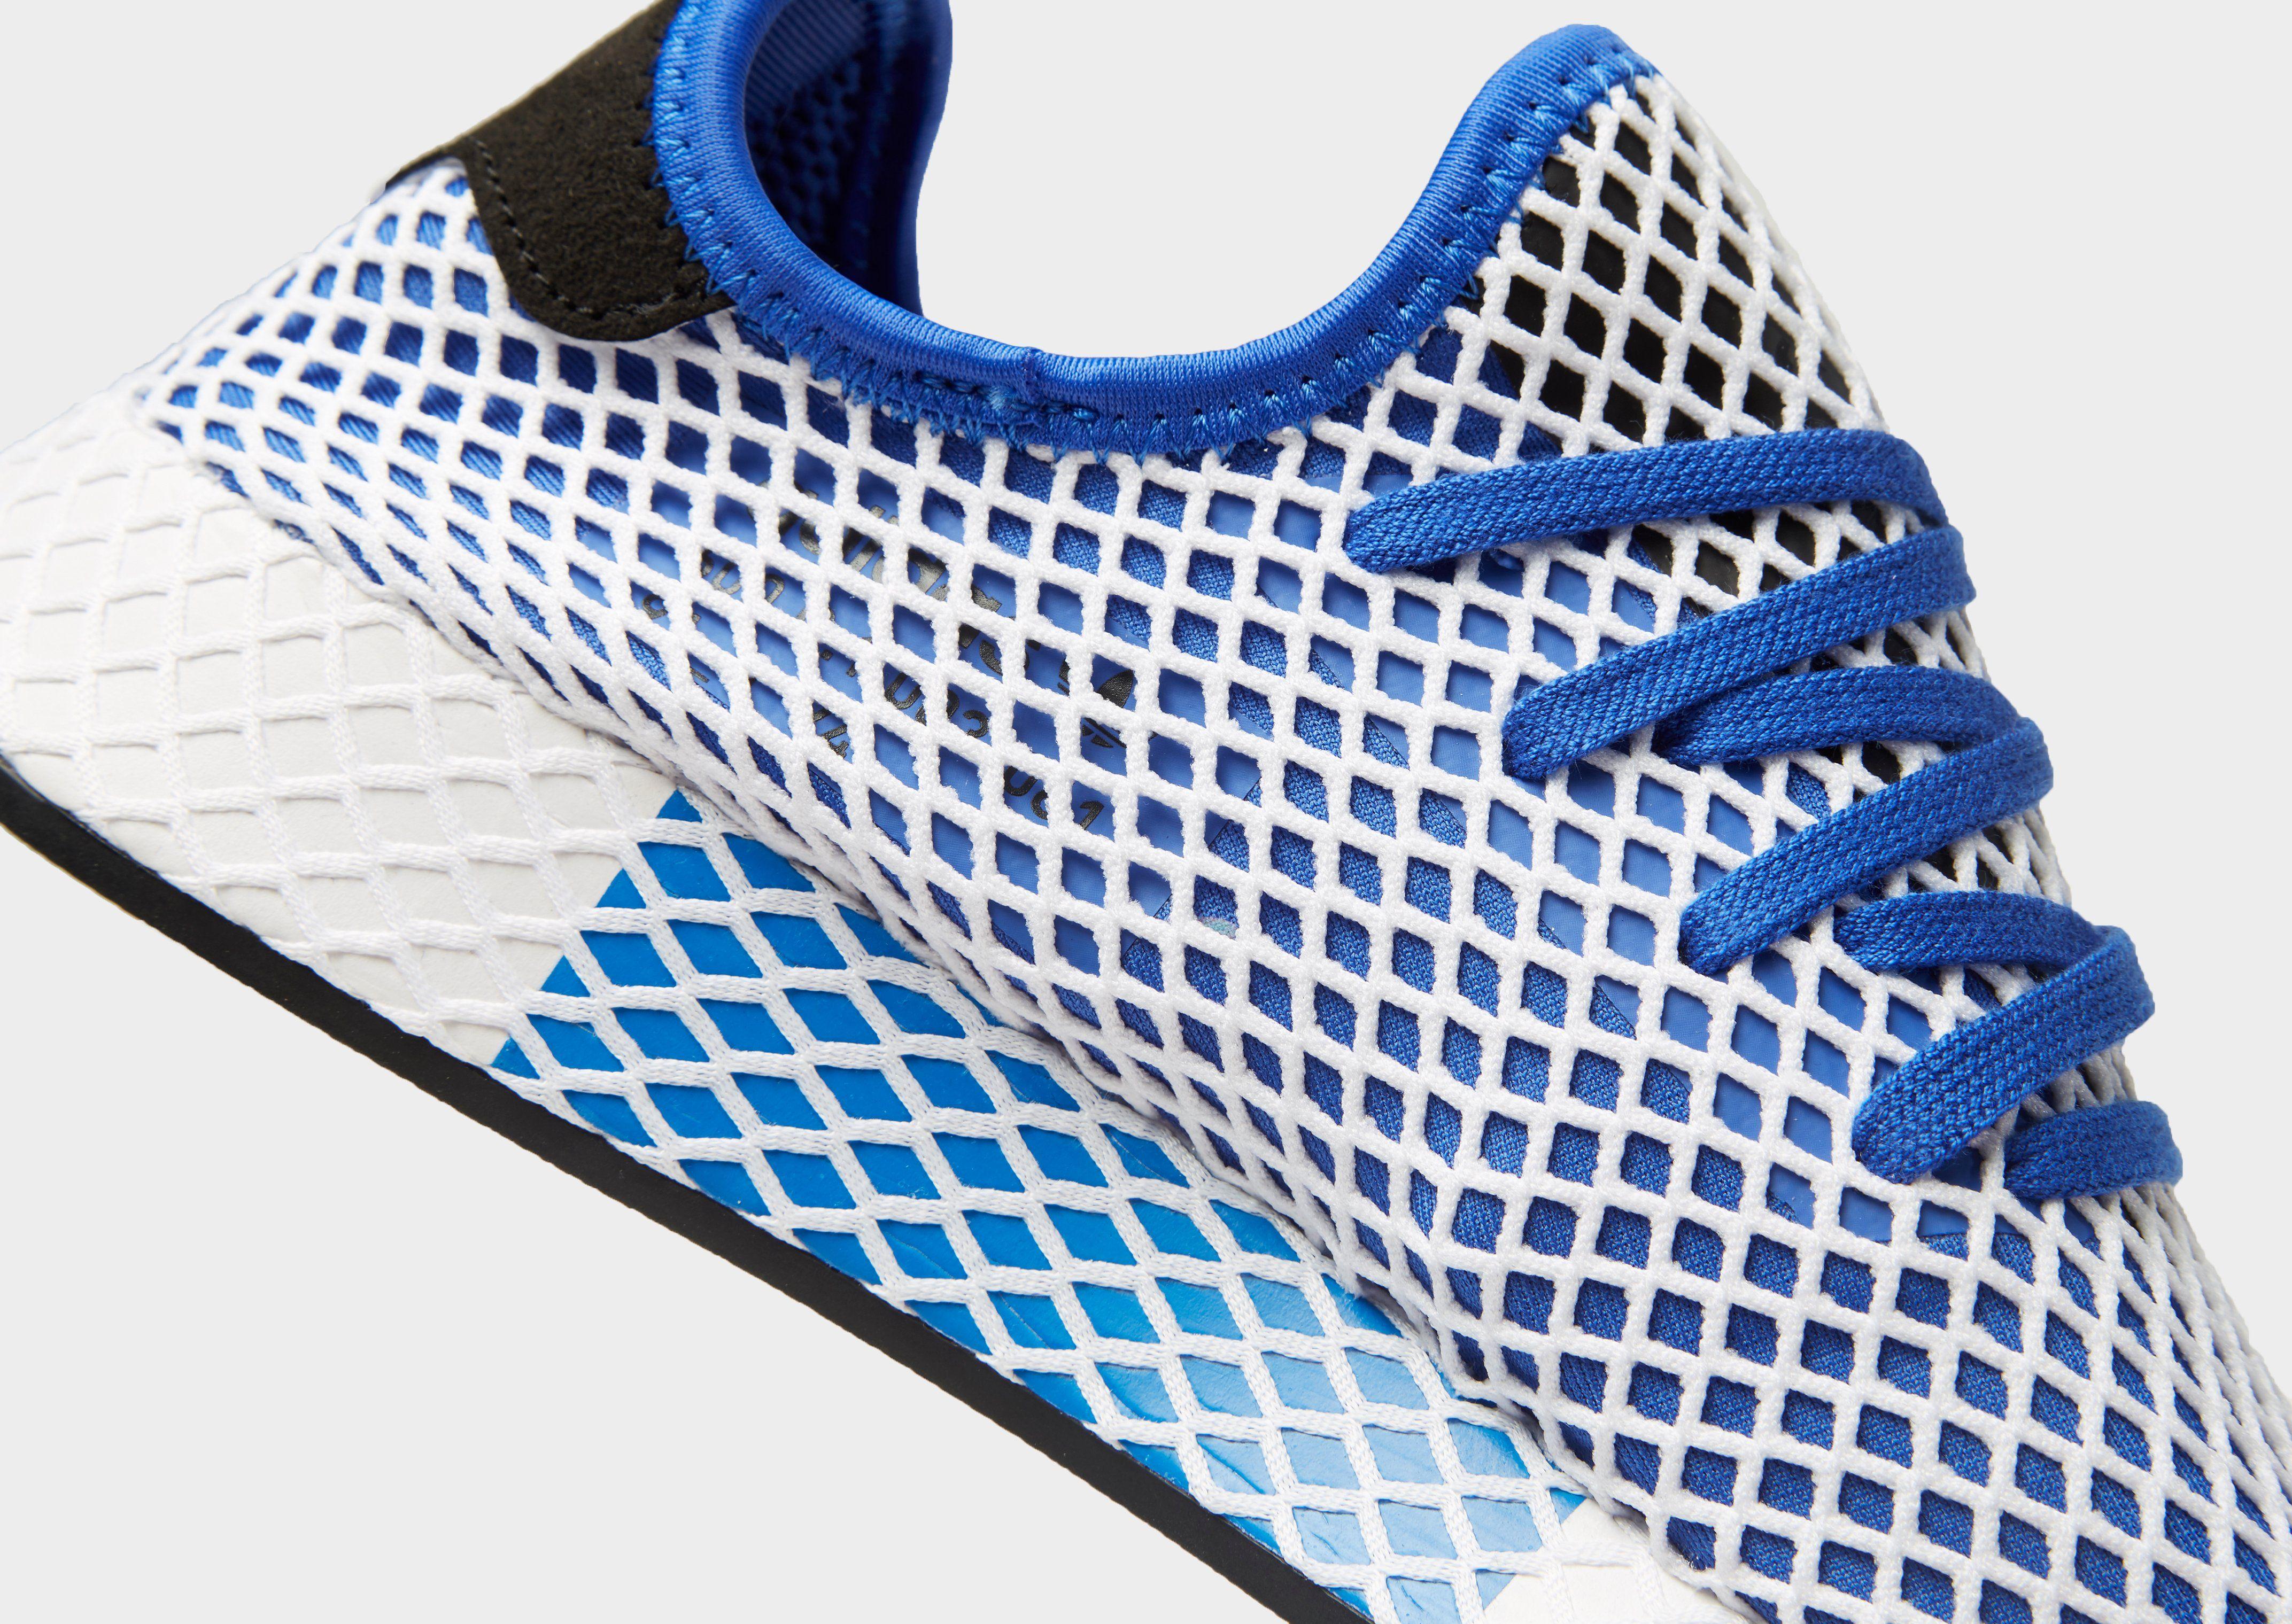 adidas Originals Deerupt Herr